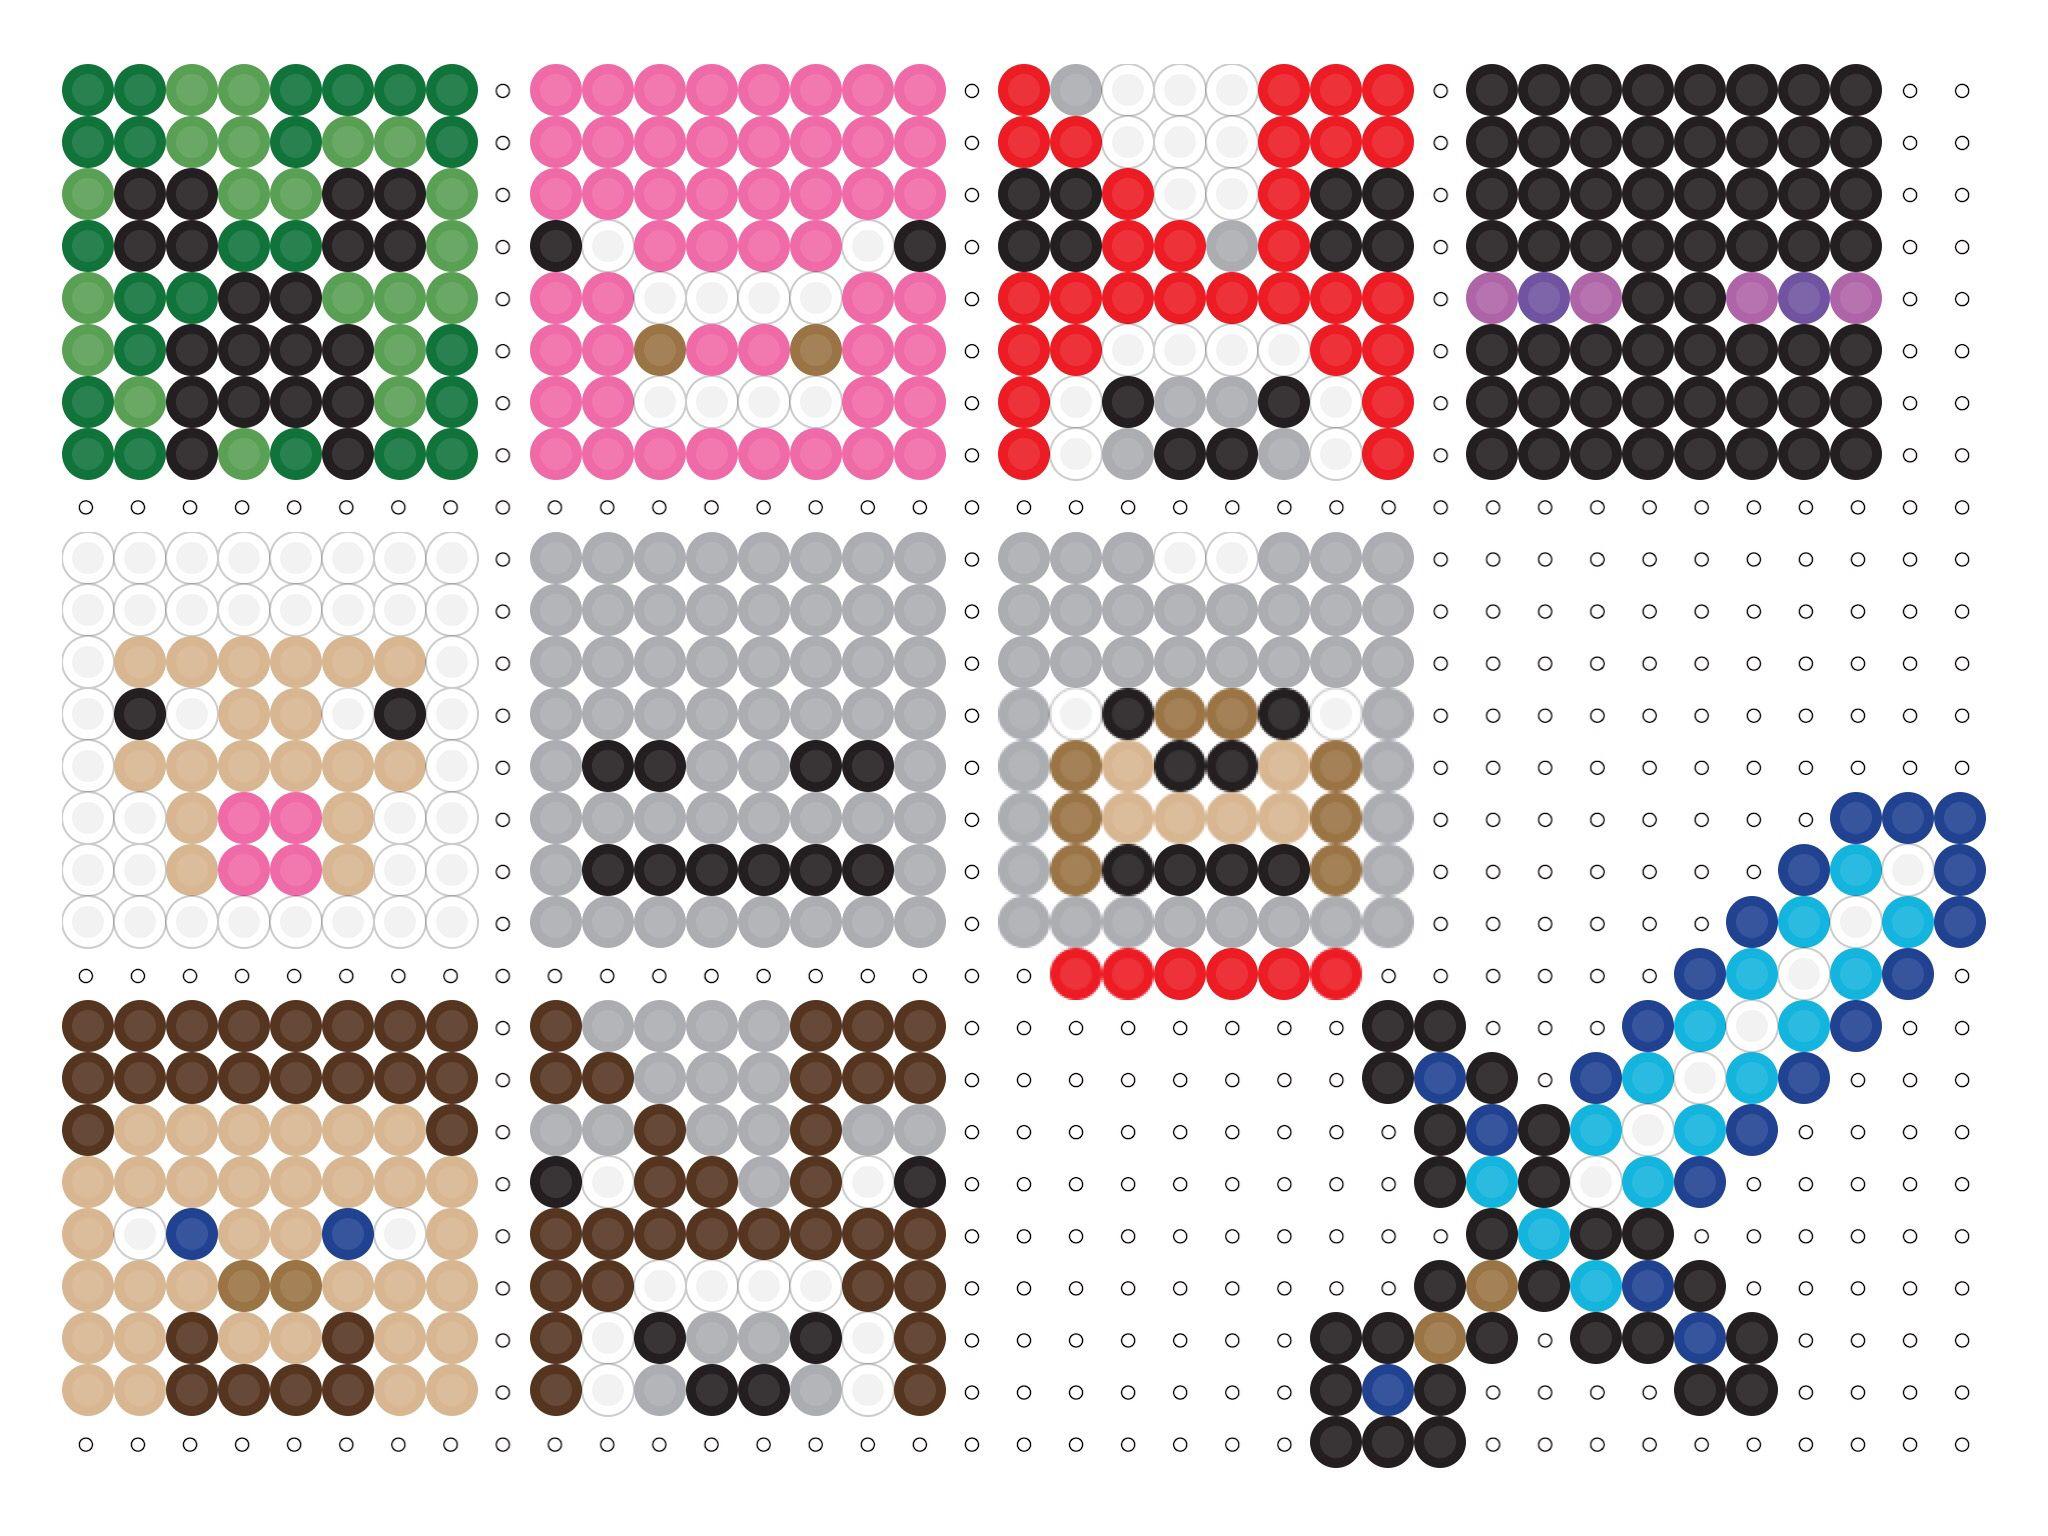 Minecraft Perler bead patterns   beads   Pinterest   Cumple